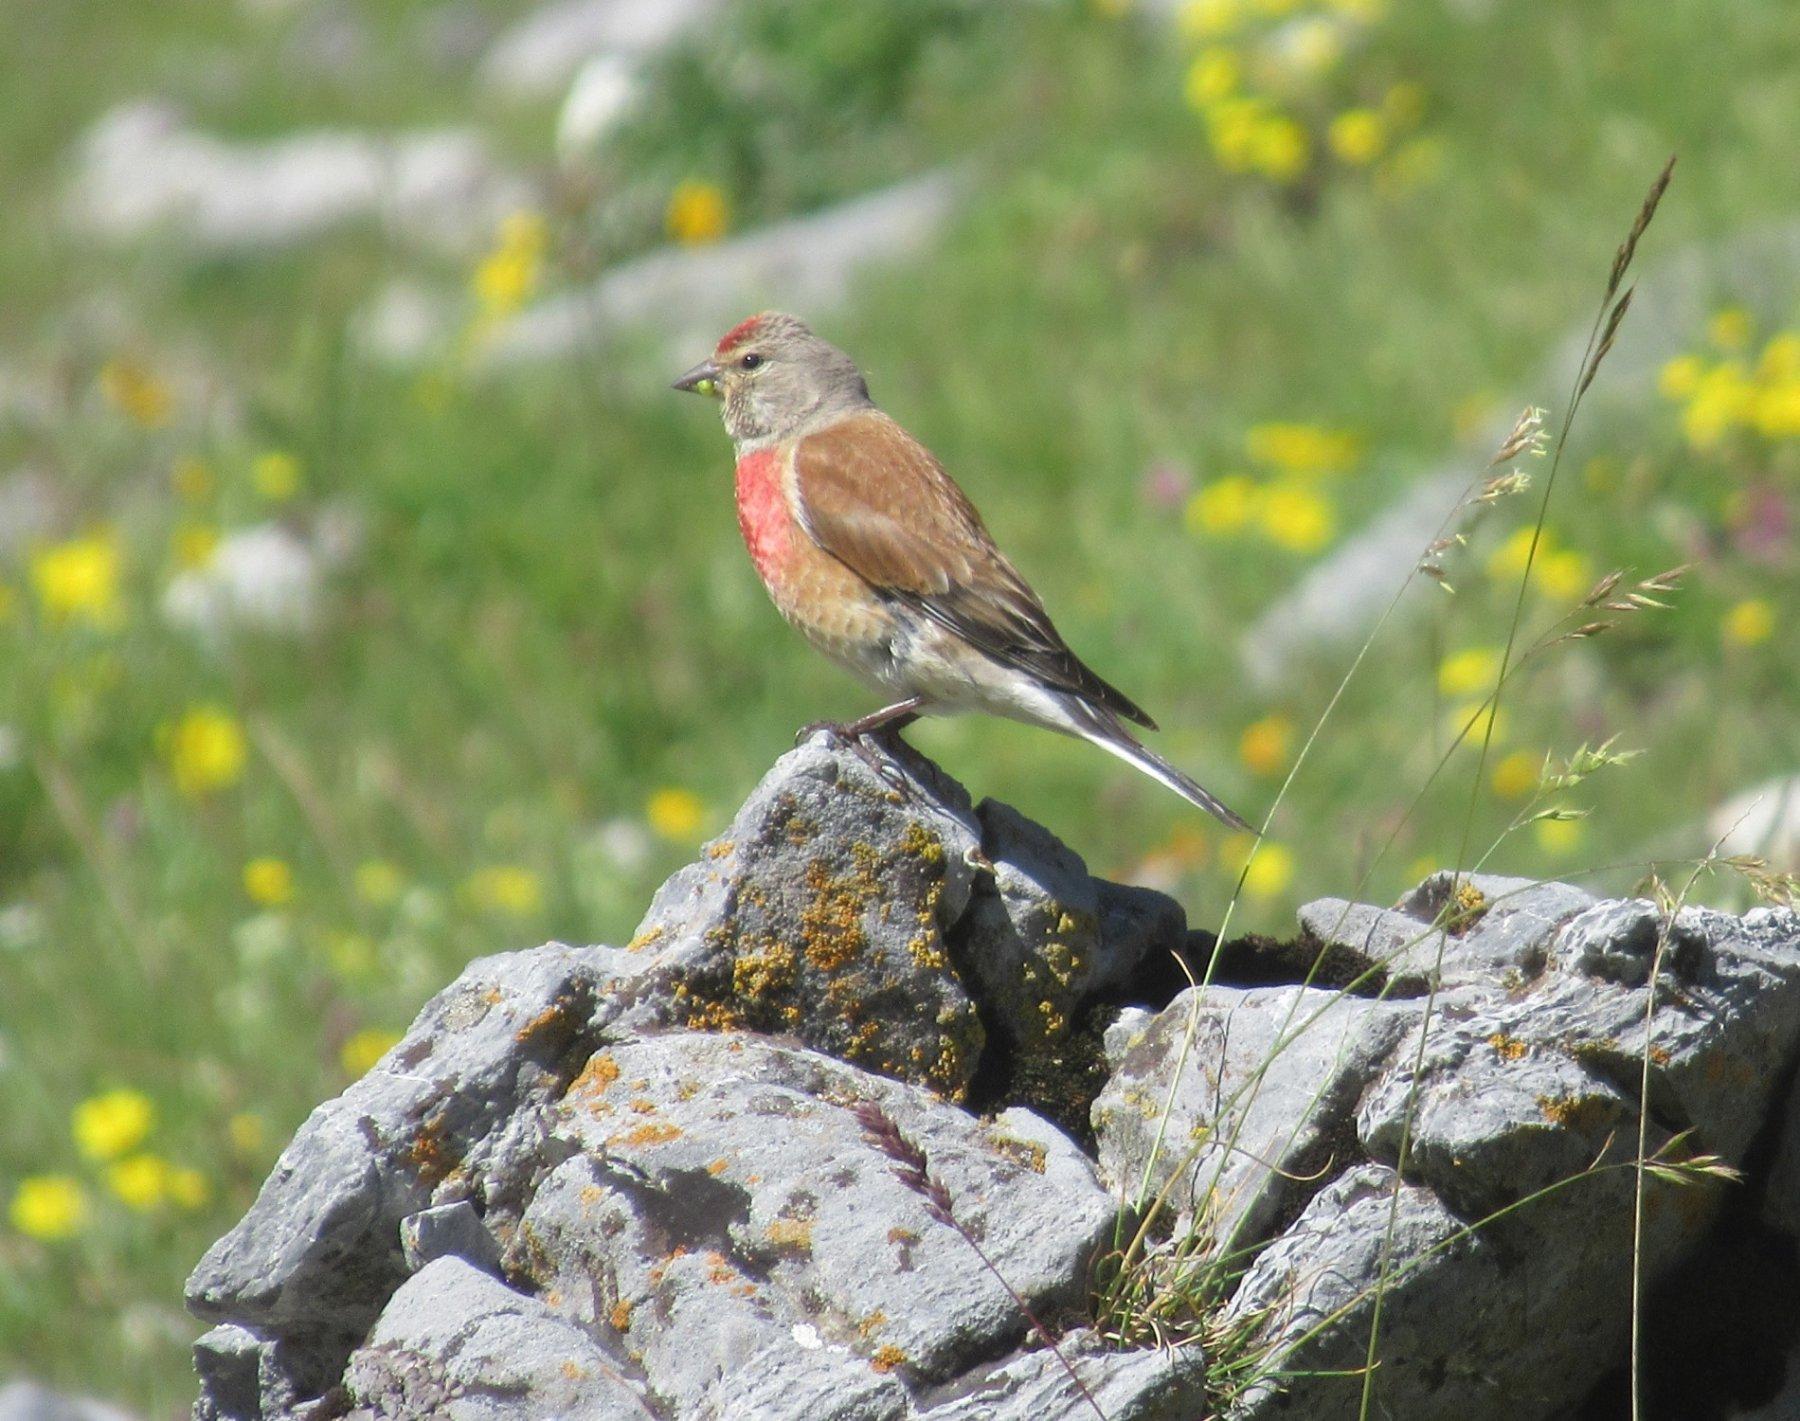 Un bel uccellino colorato ma non so il nome